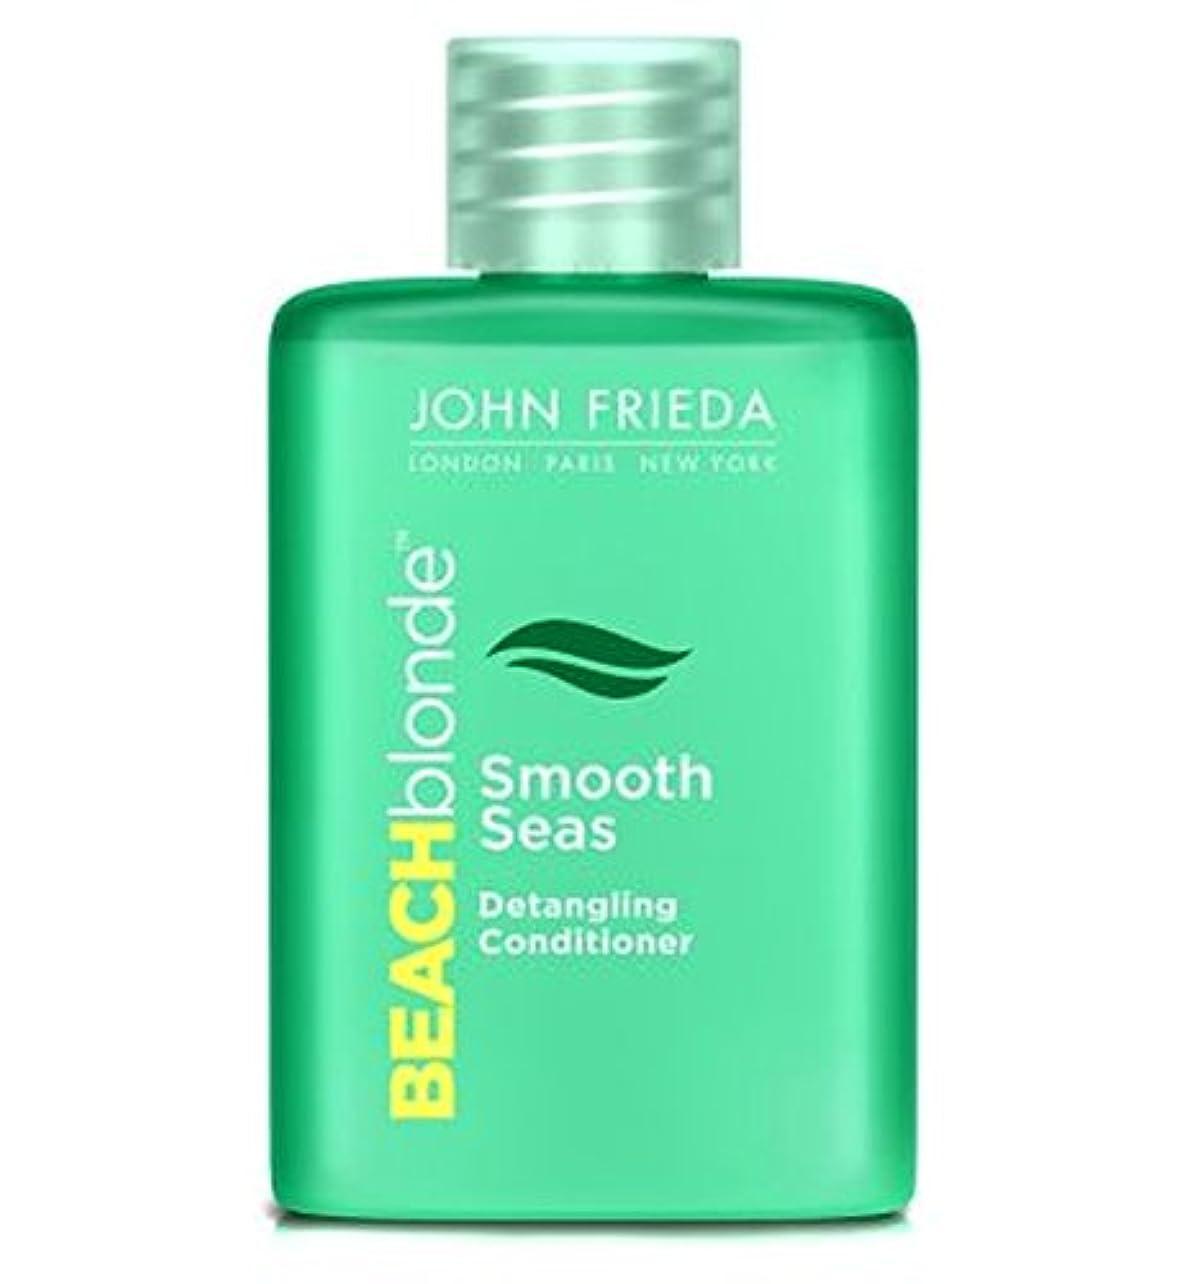 通りシャベルハウジングコンディショナー50ミリリットルをもつれ解除ジョンFrieda?ビーチブロンド滑らかな海 (John Frieda) (x2) - John Frieda? Beach Blonde Smooth Seas Detangling...